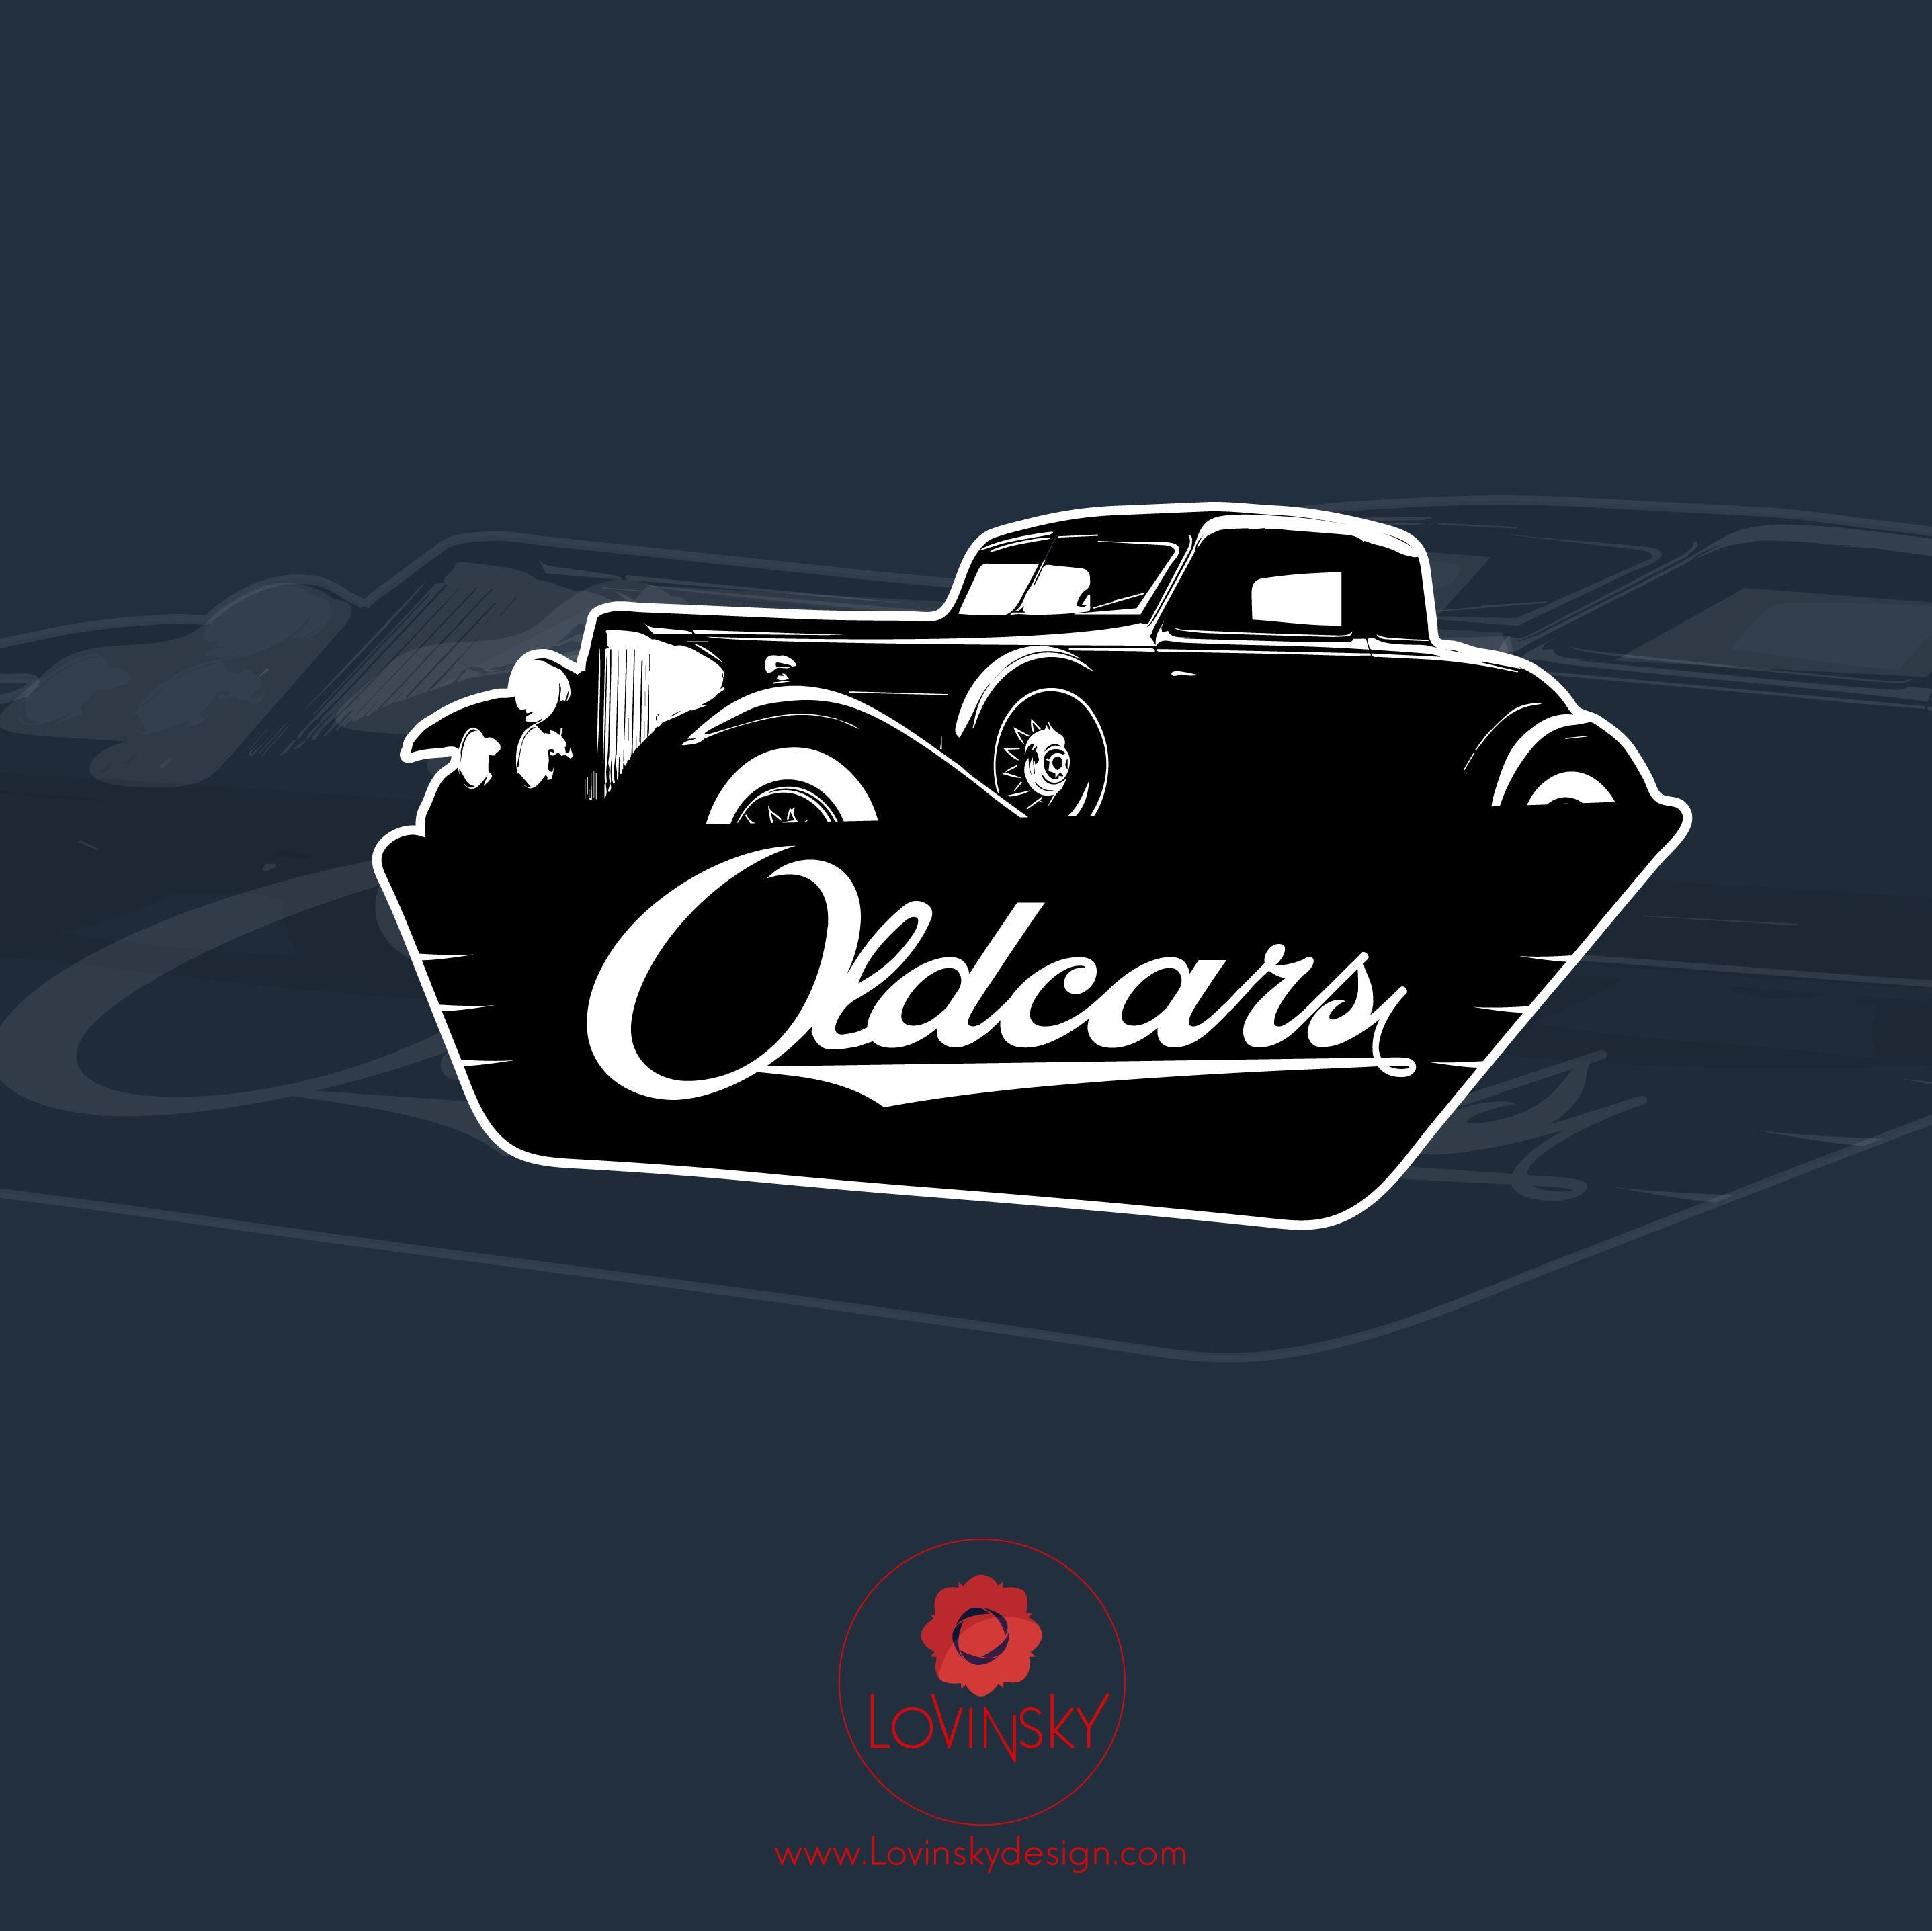 old-cars logo lovinsky graphiste webdesigner freelance nantes 44